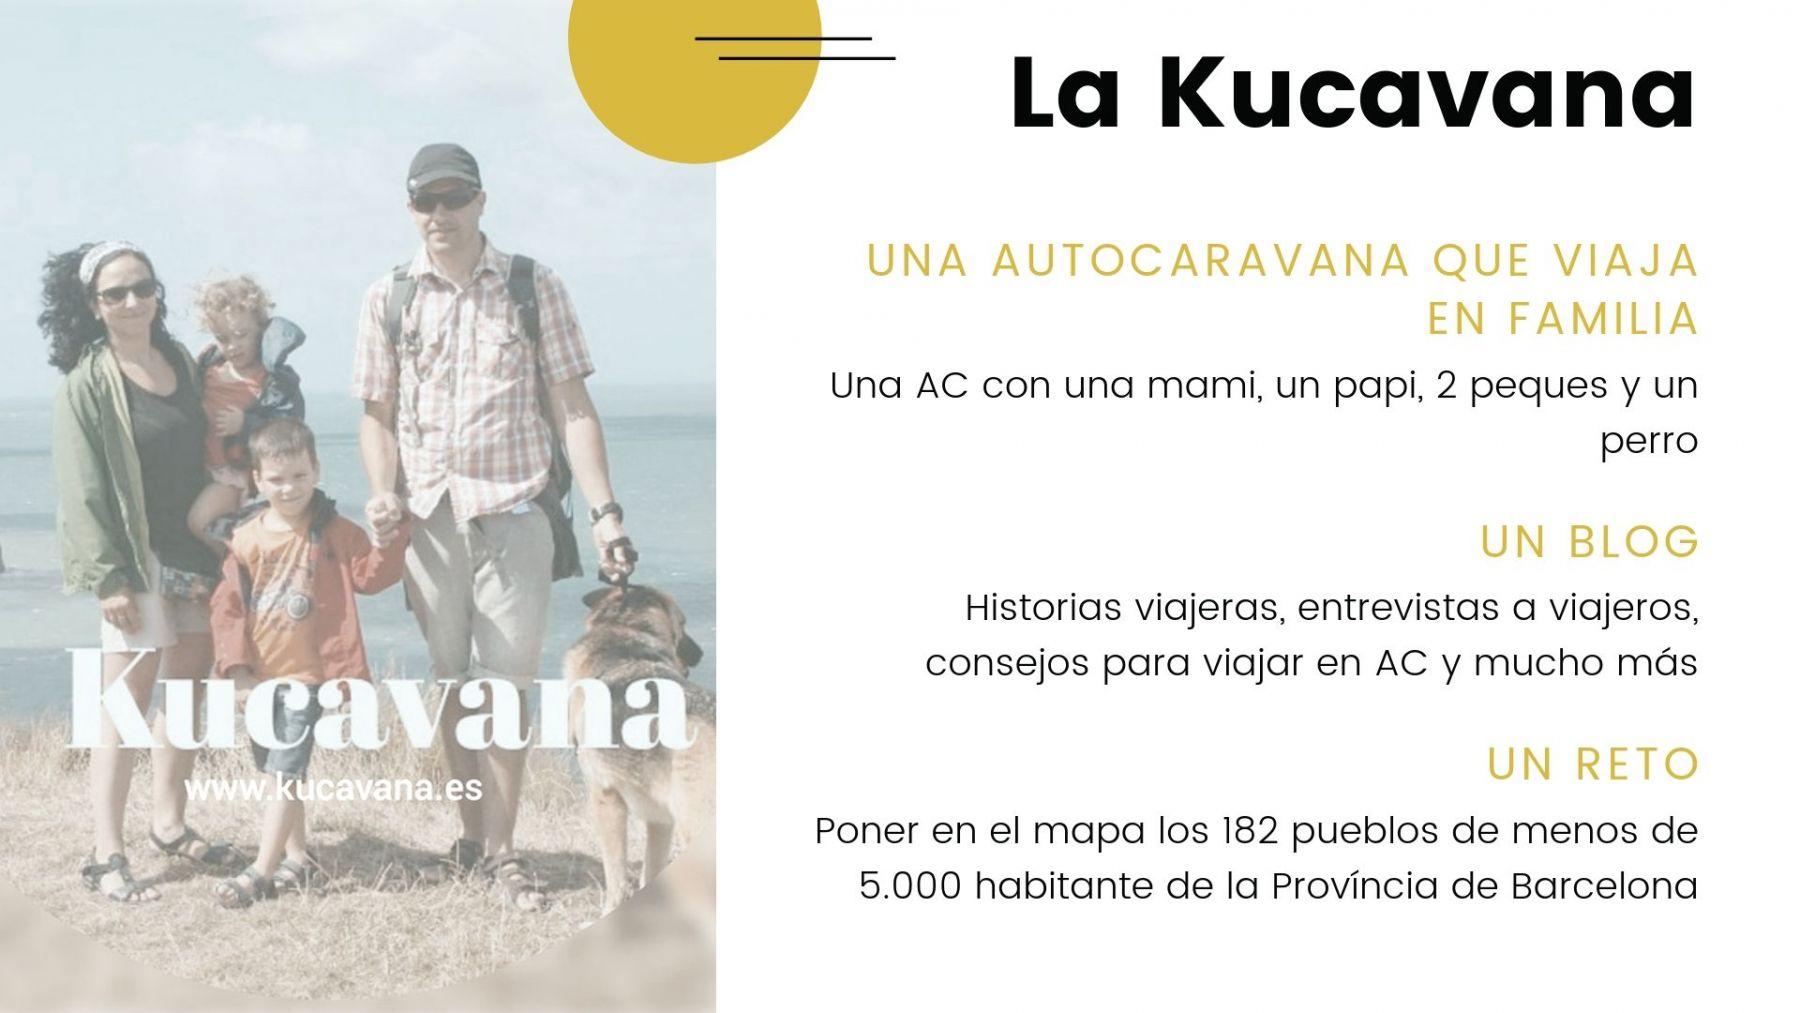 La kucavana, una familia en autocaravana, un blog y un reto